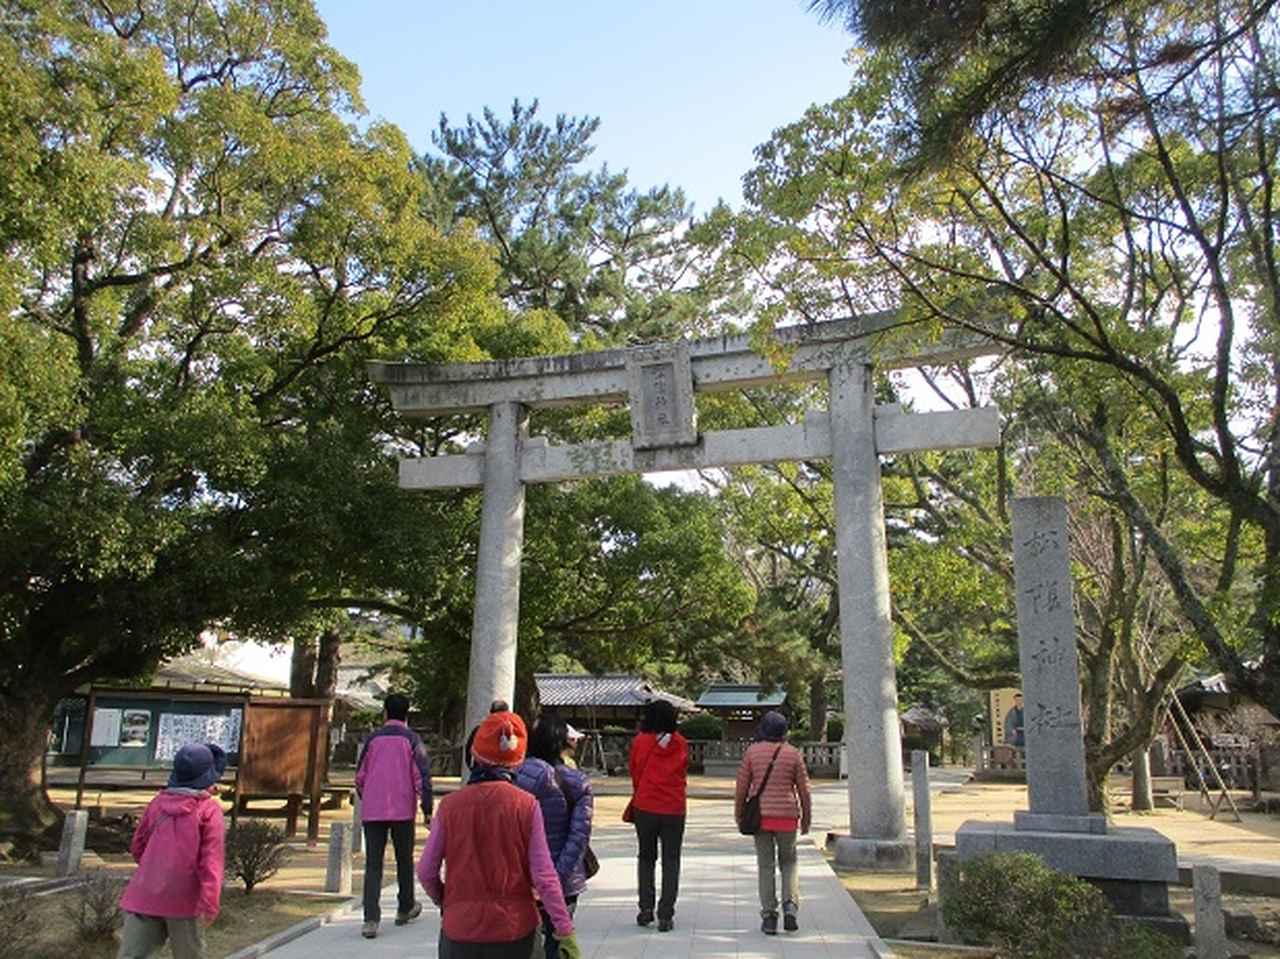 画像3: 【山旅会・登山ガイドこだわりツアー】添乗員からの便り・広島県と山口県のツアーにいってまいりました!(その4)